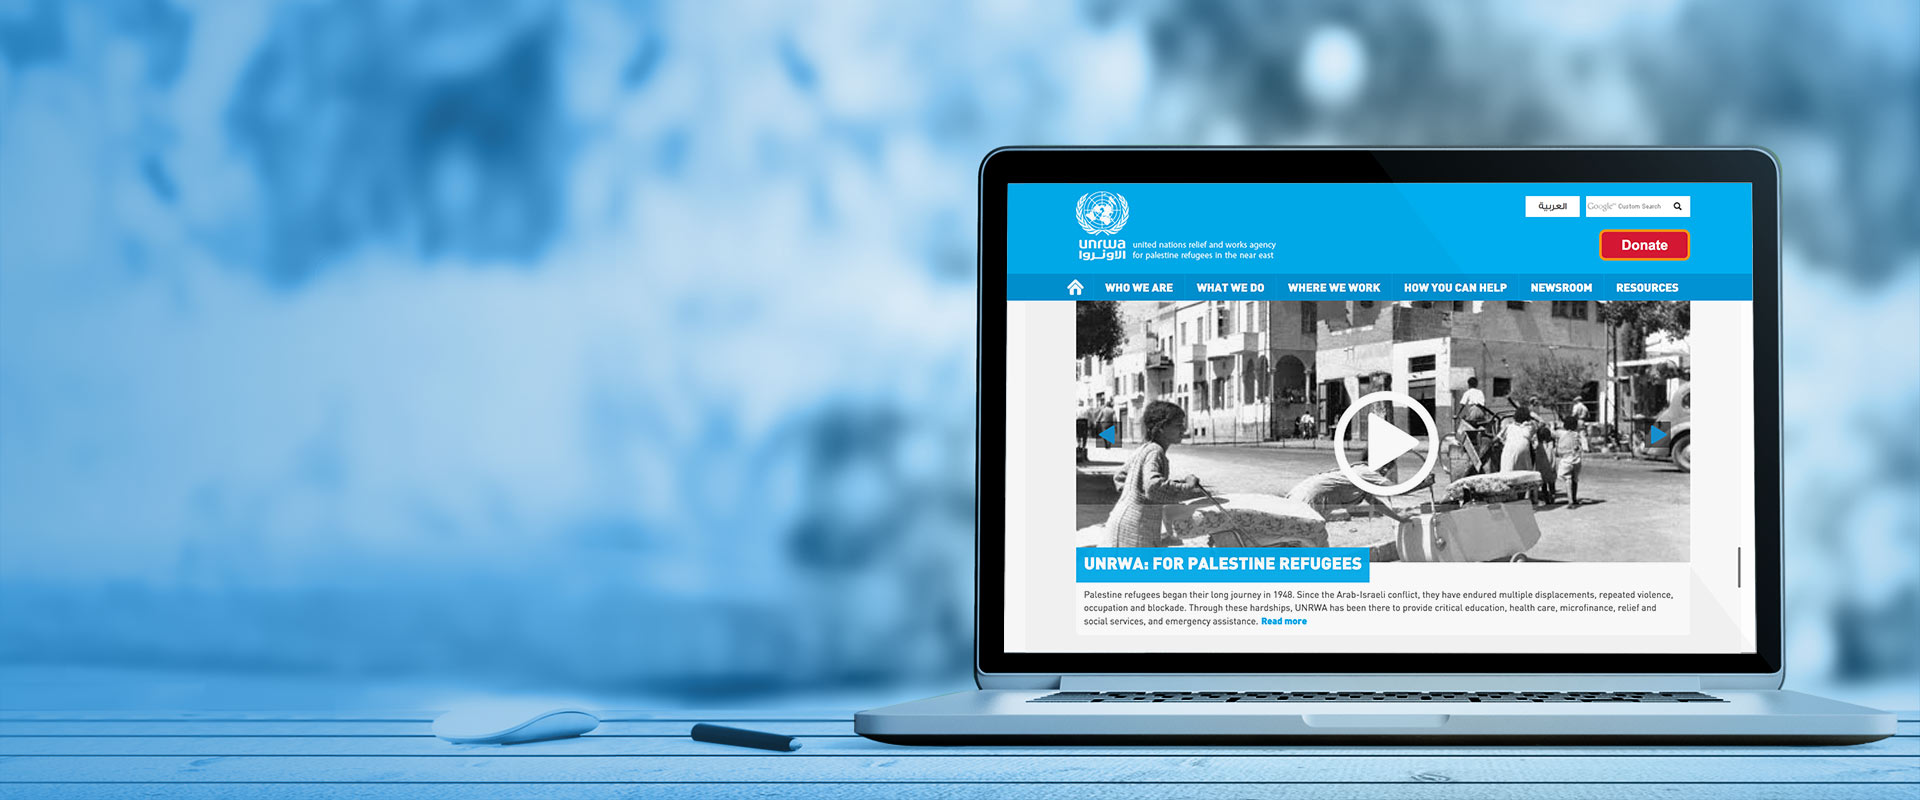 Laptop displaying UNRWA website